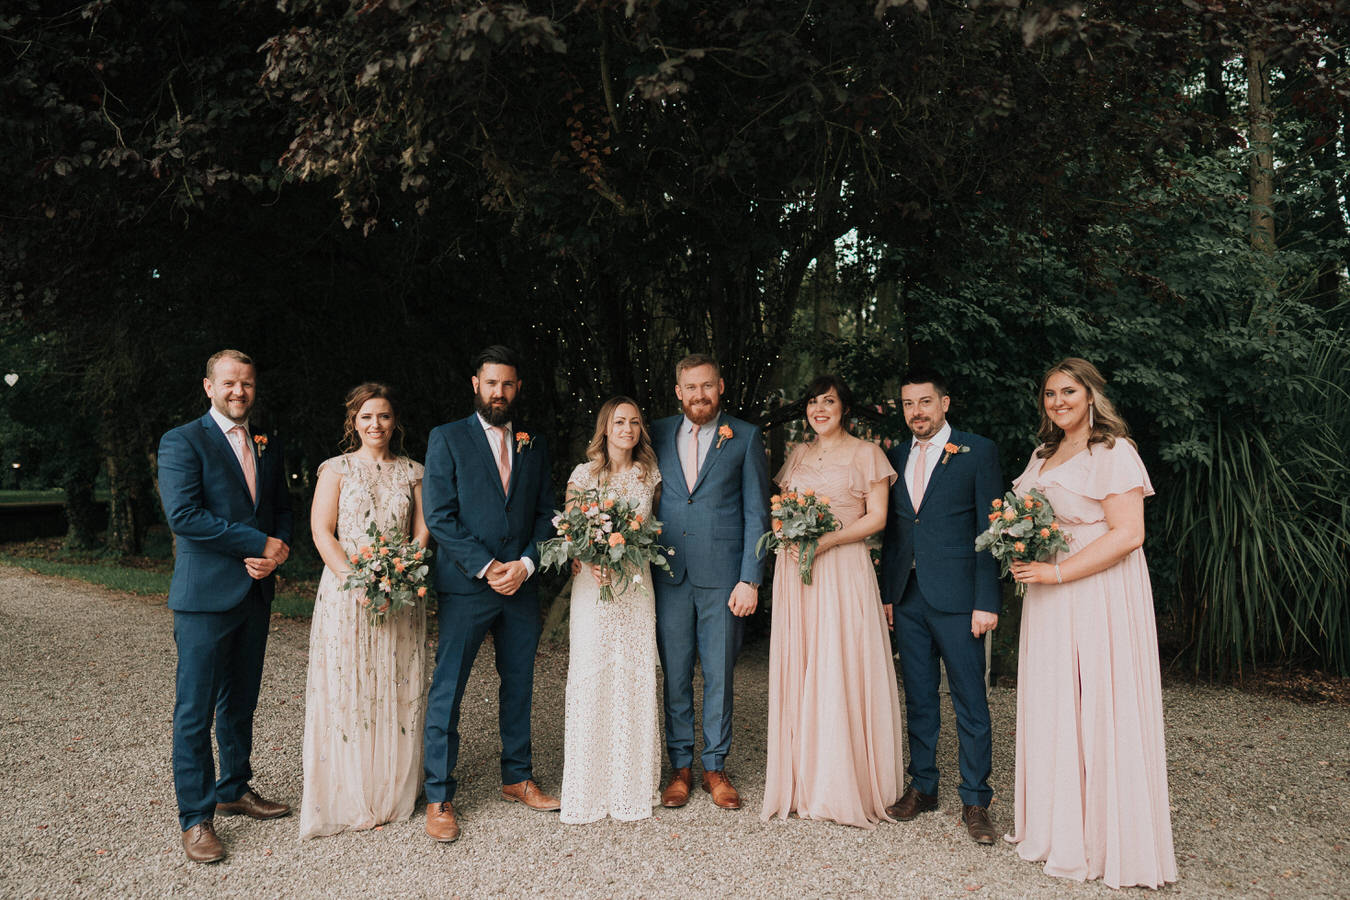 The-Station-House-wedding-Dublin-photographer- 0095 93